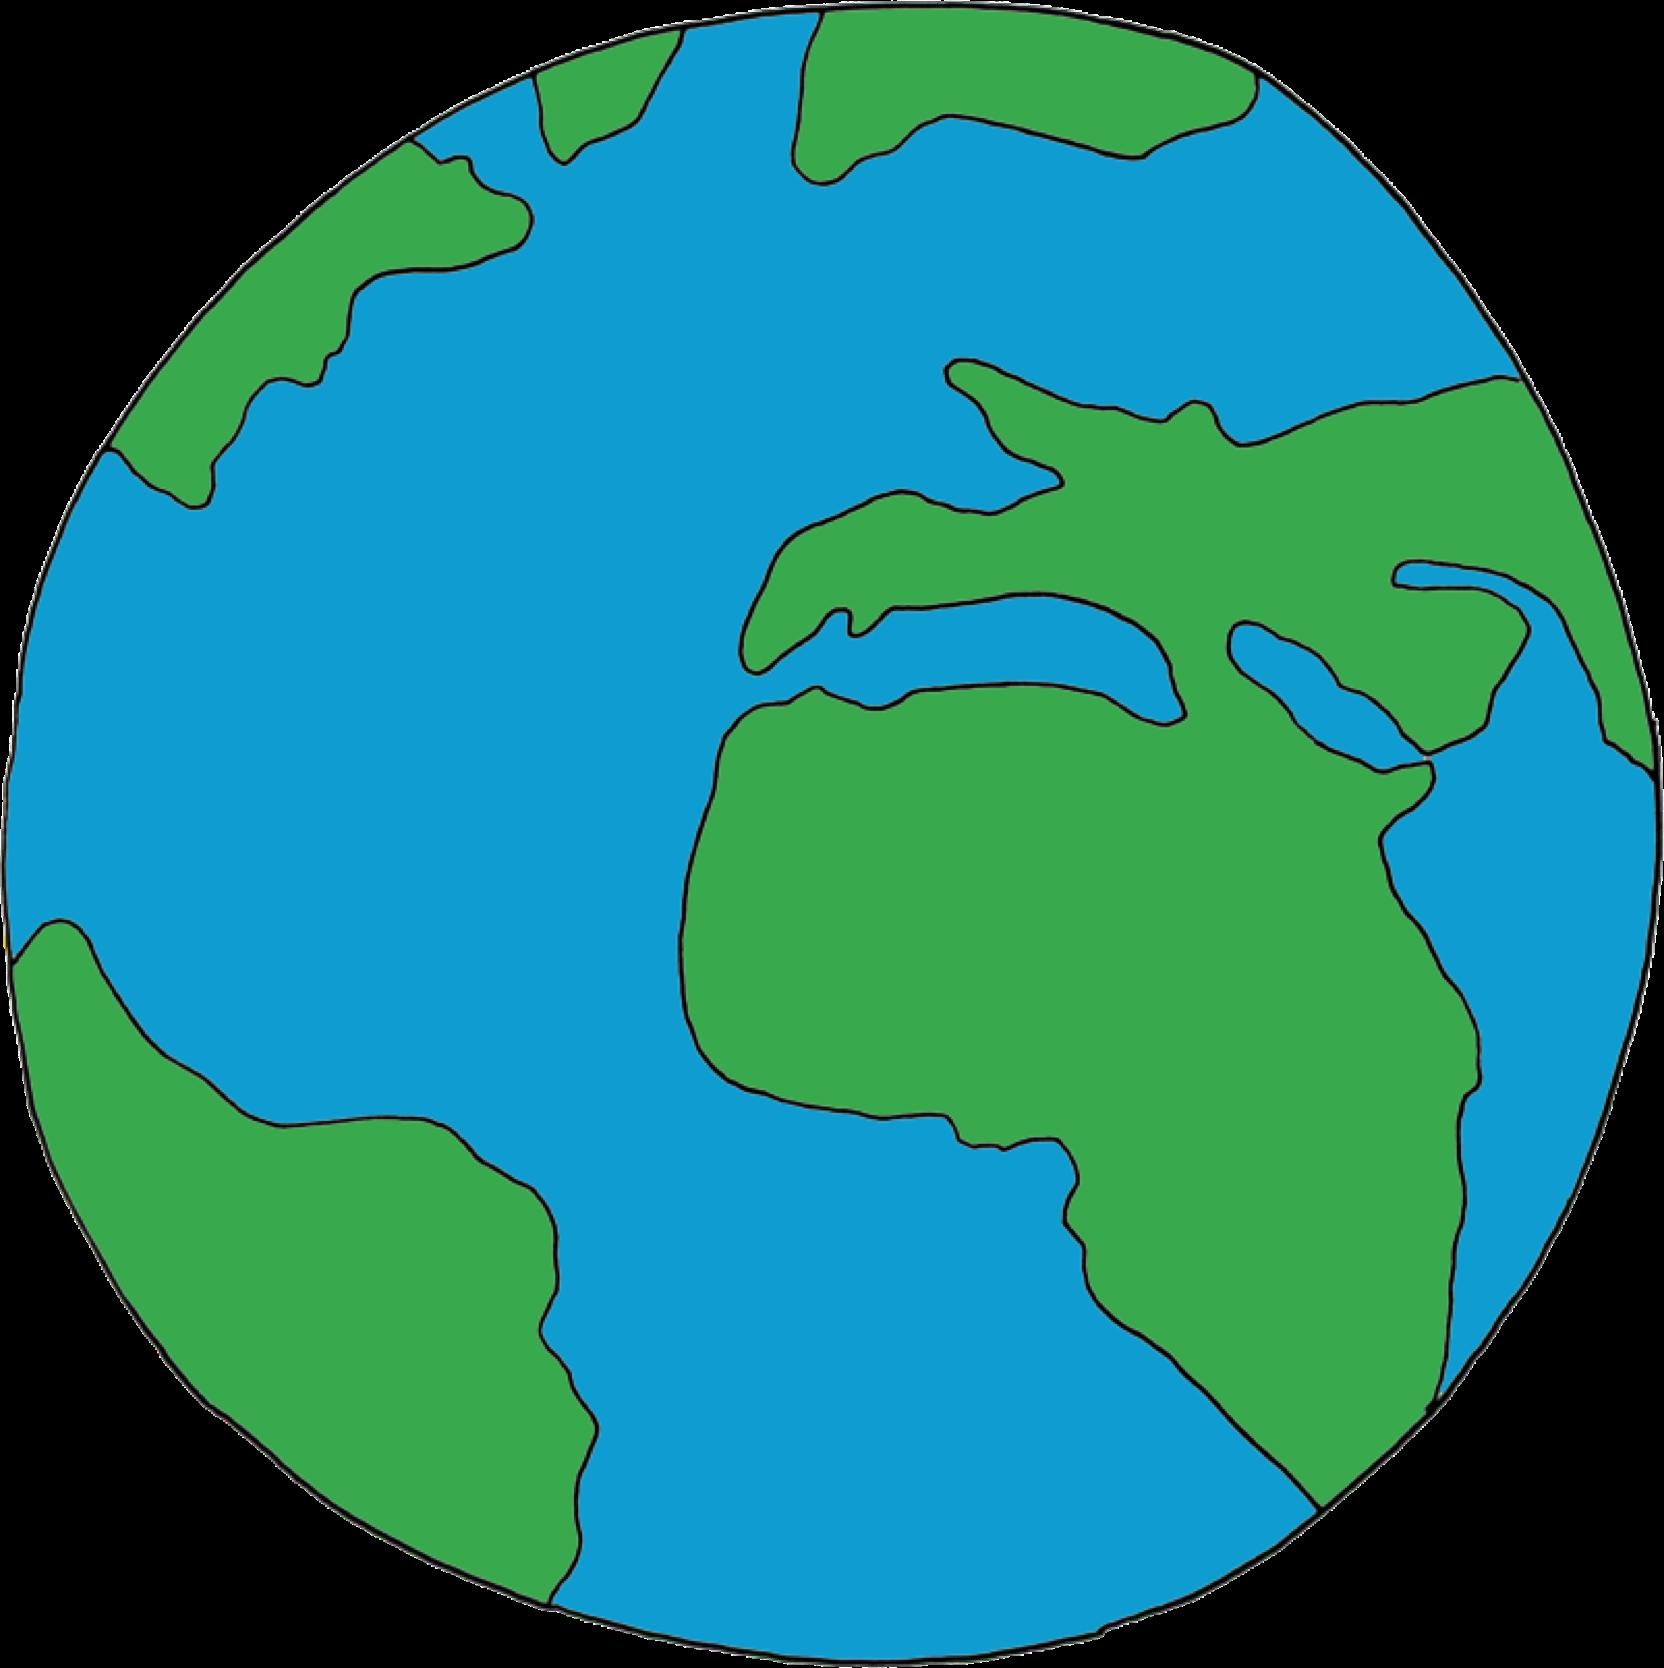 Earth file